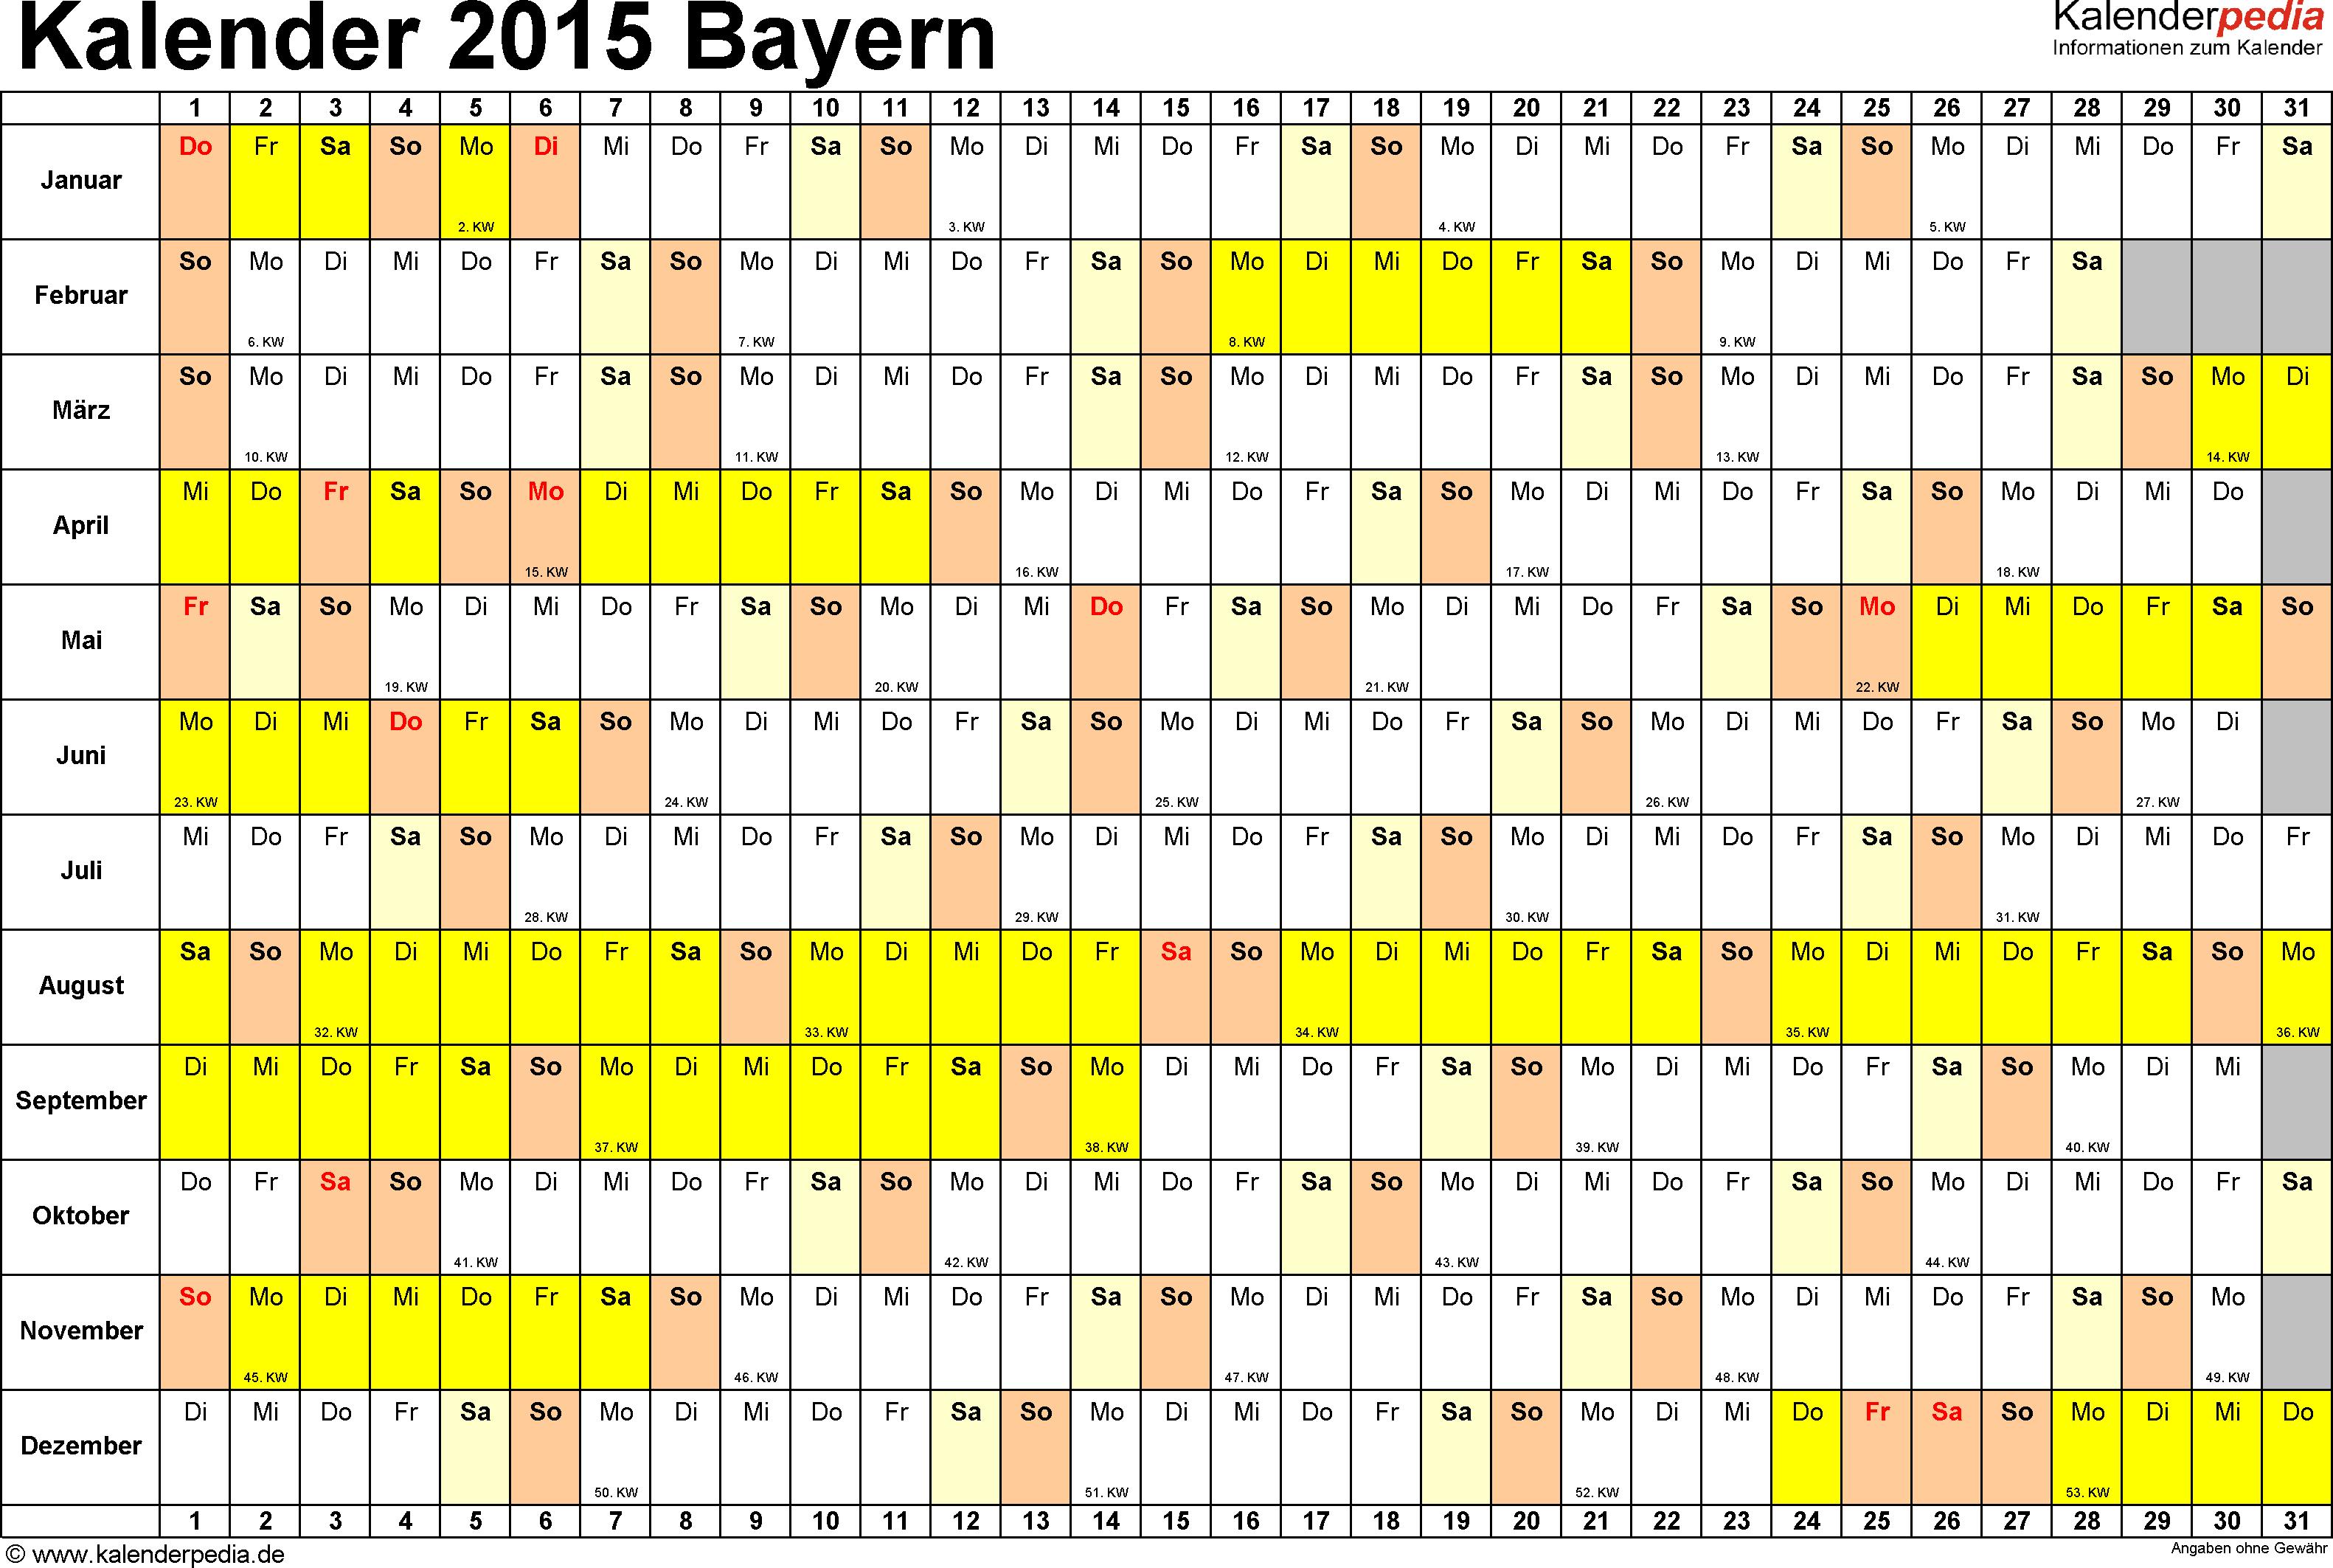 Kalender 2015 Bayern: Ferien, Feiertage, Excel-Vorlagen